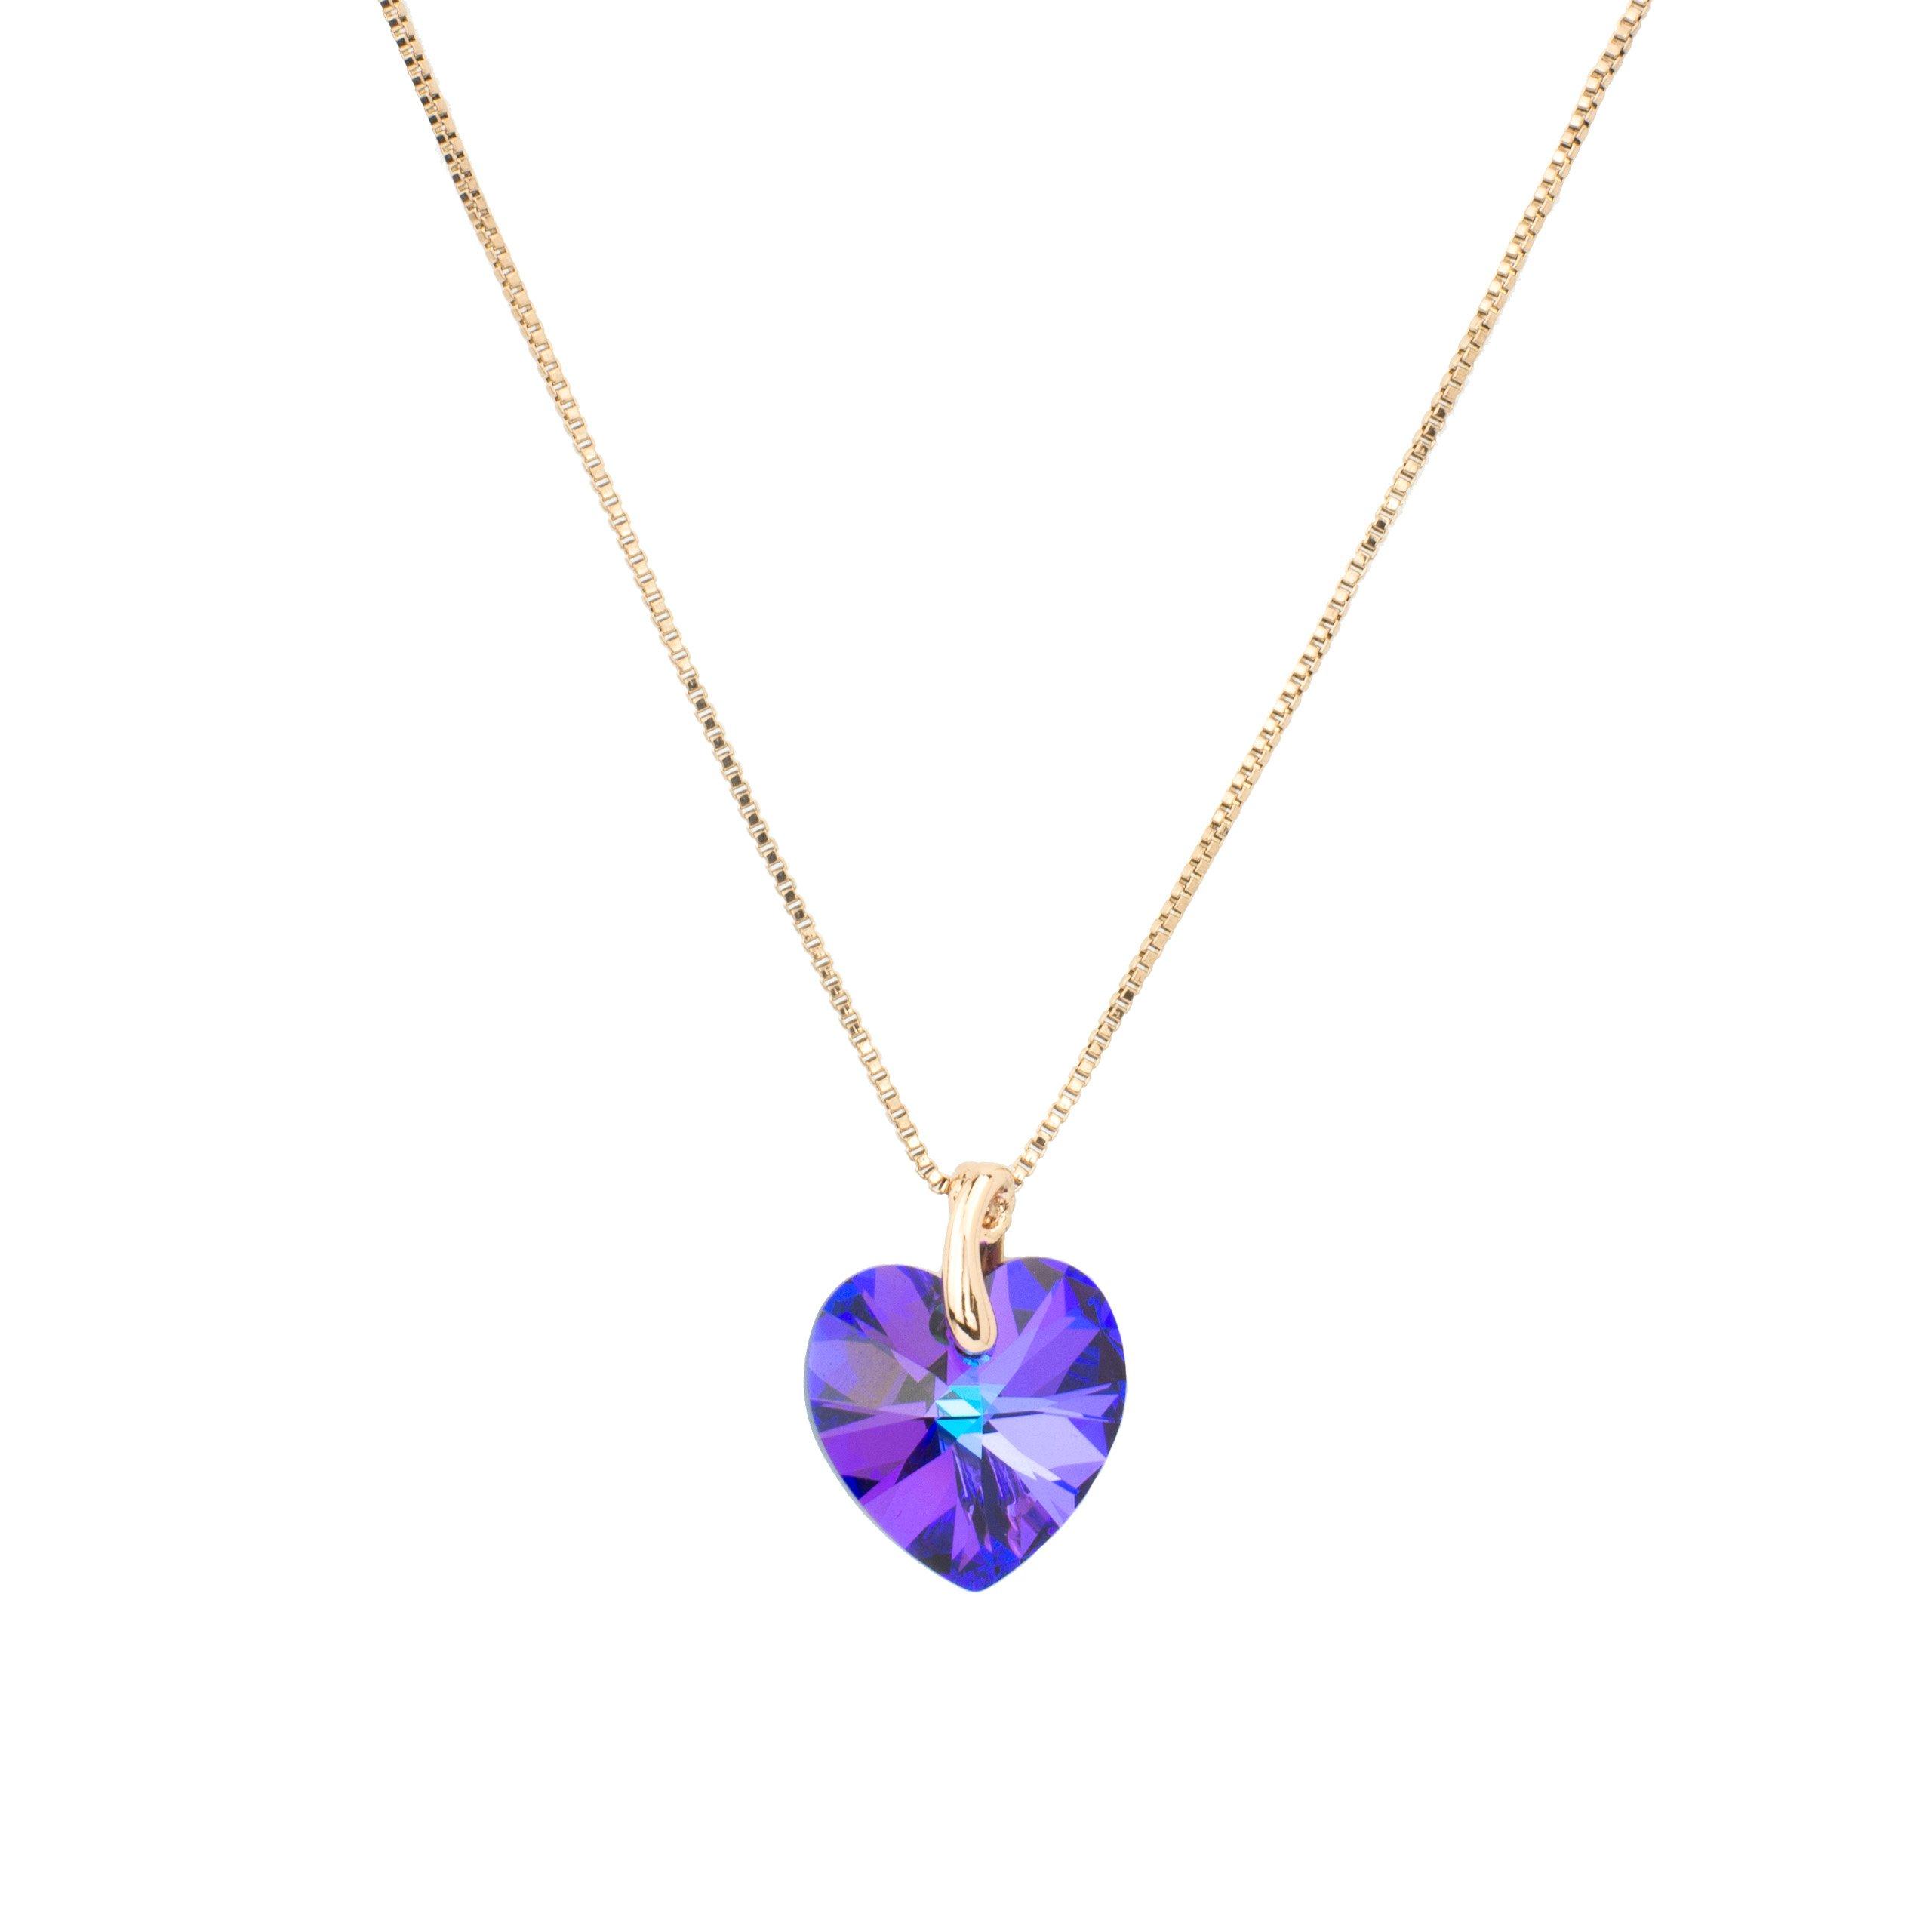 Eve S jewelry���Collana da donna con ciondolo Swarovski Elements Crystal���ELIOTROPIO placcato oro,